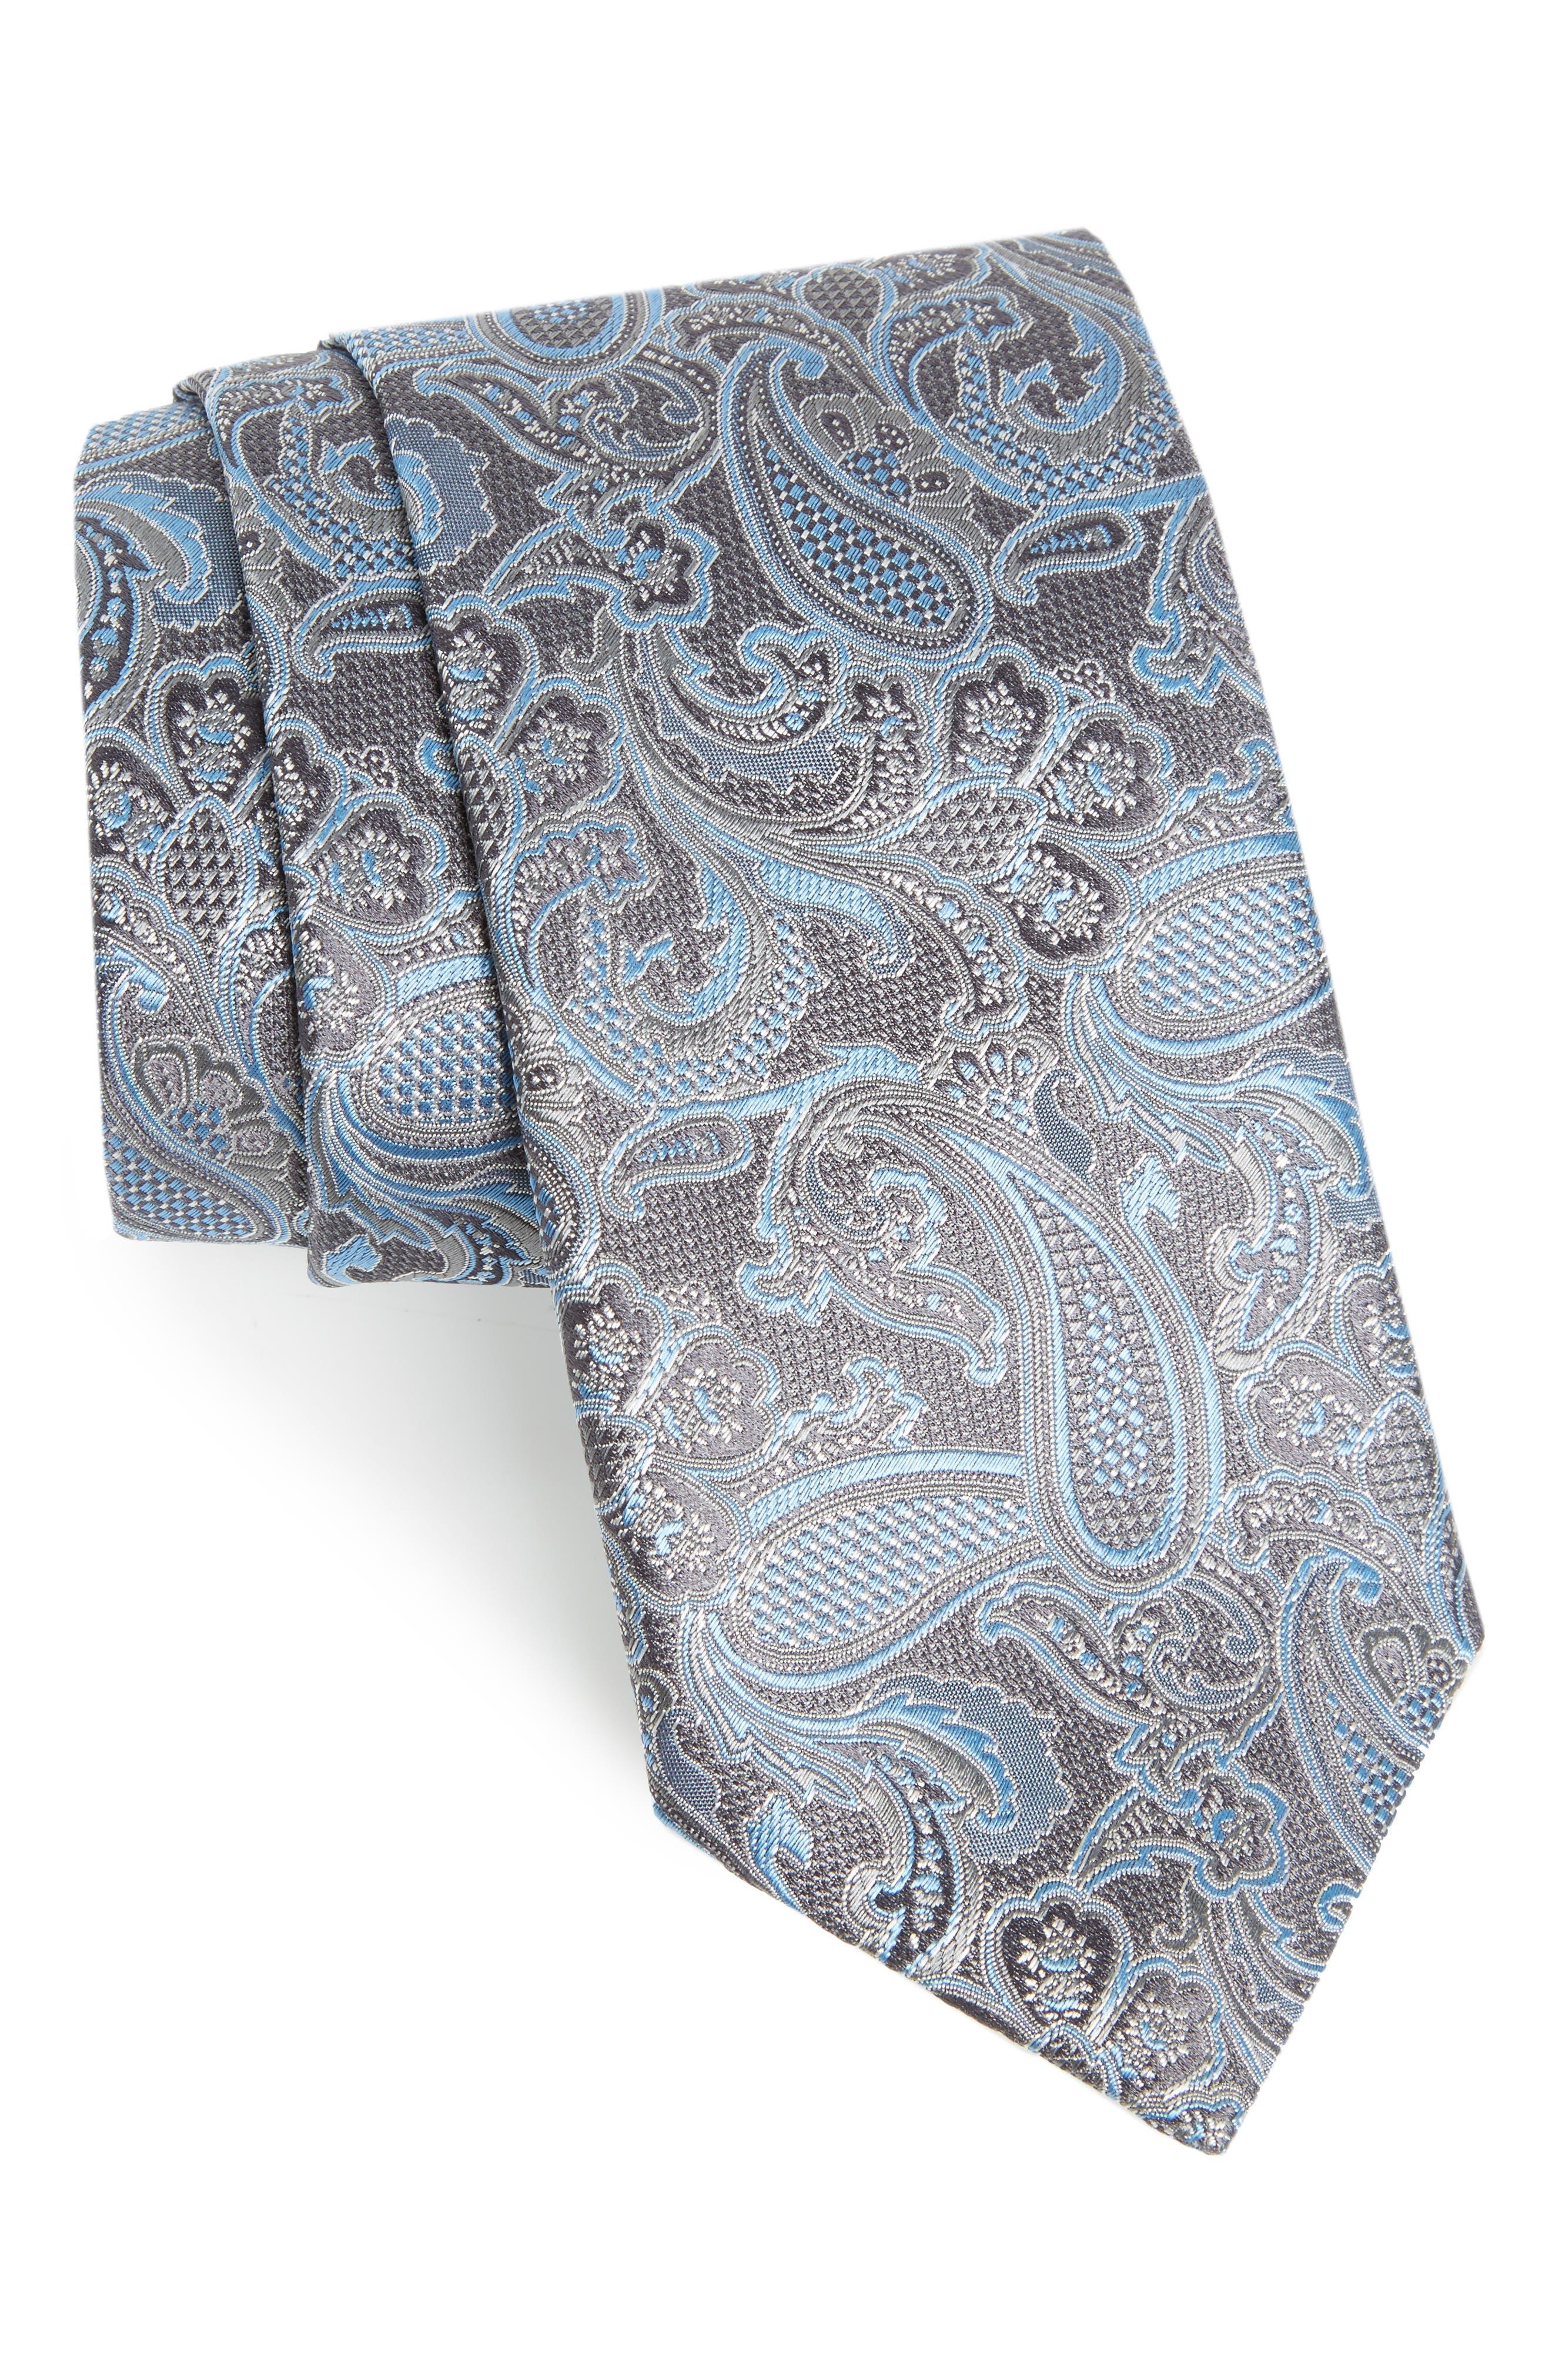 CANALI,                             Paisley Silk Tie,                             Main thumbnail 1, color,                             030